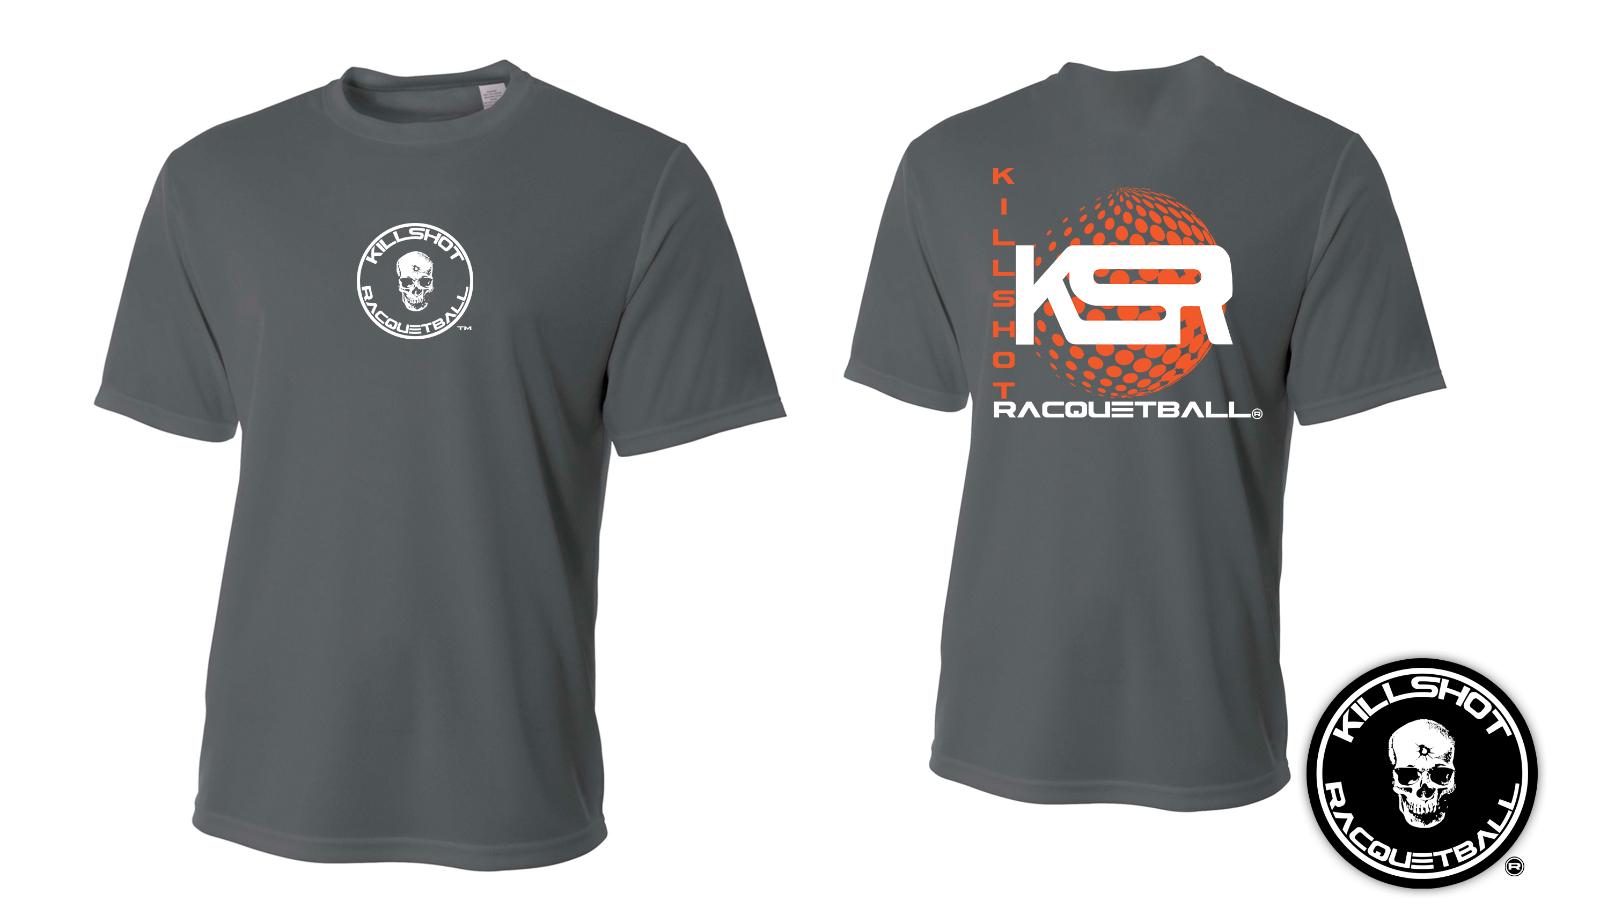 Killshot Racquetball | Performance KSR T Sphere Shirt - Short Sleeve